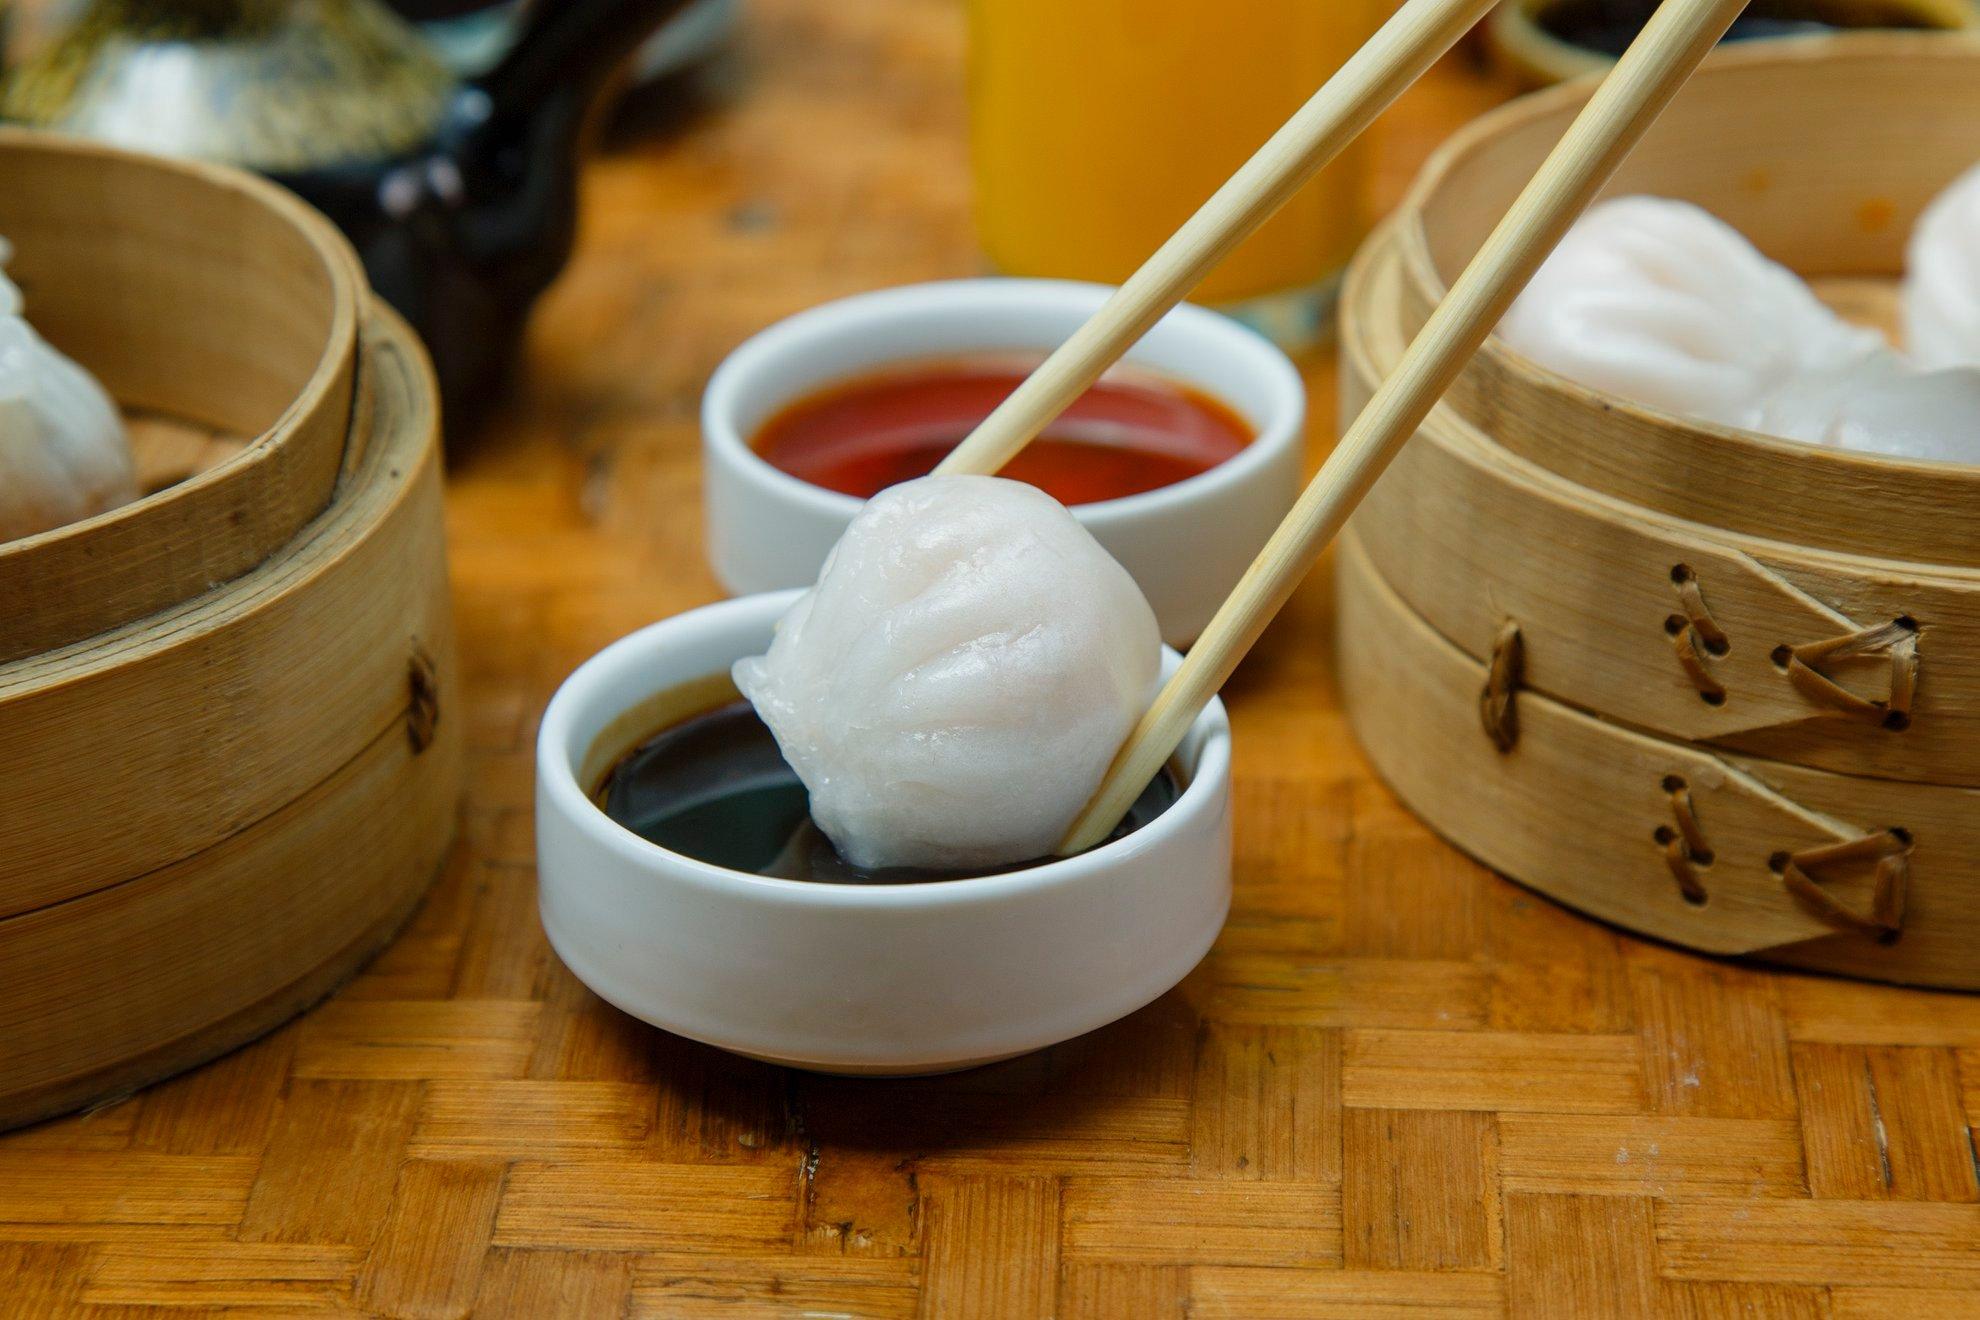 7 restaurantes para saciar tu antojo de dumplings en la CDMX